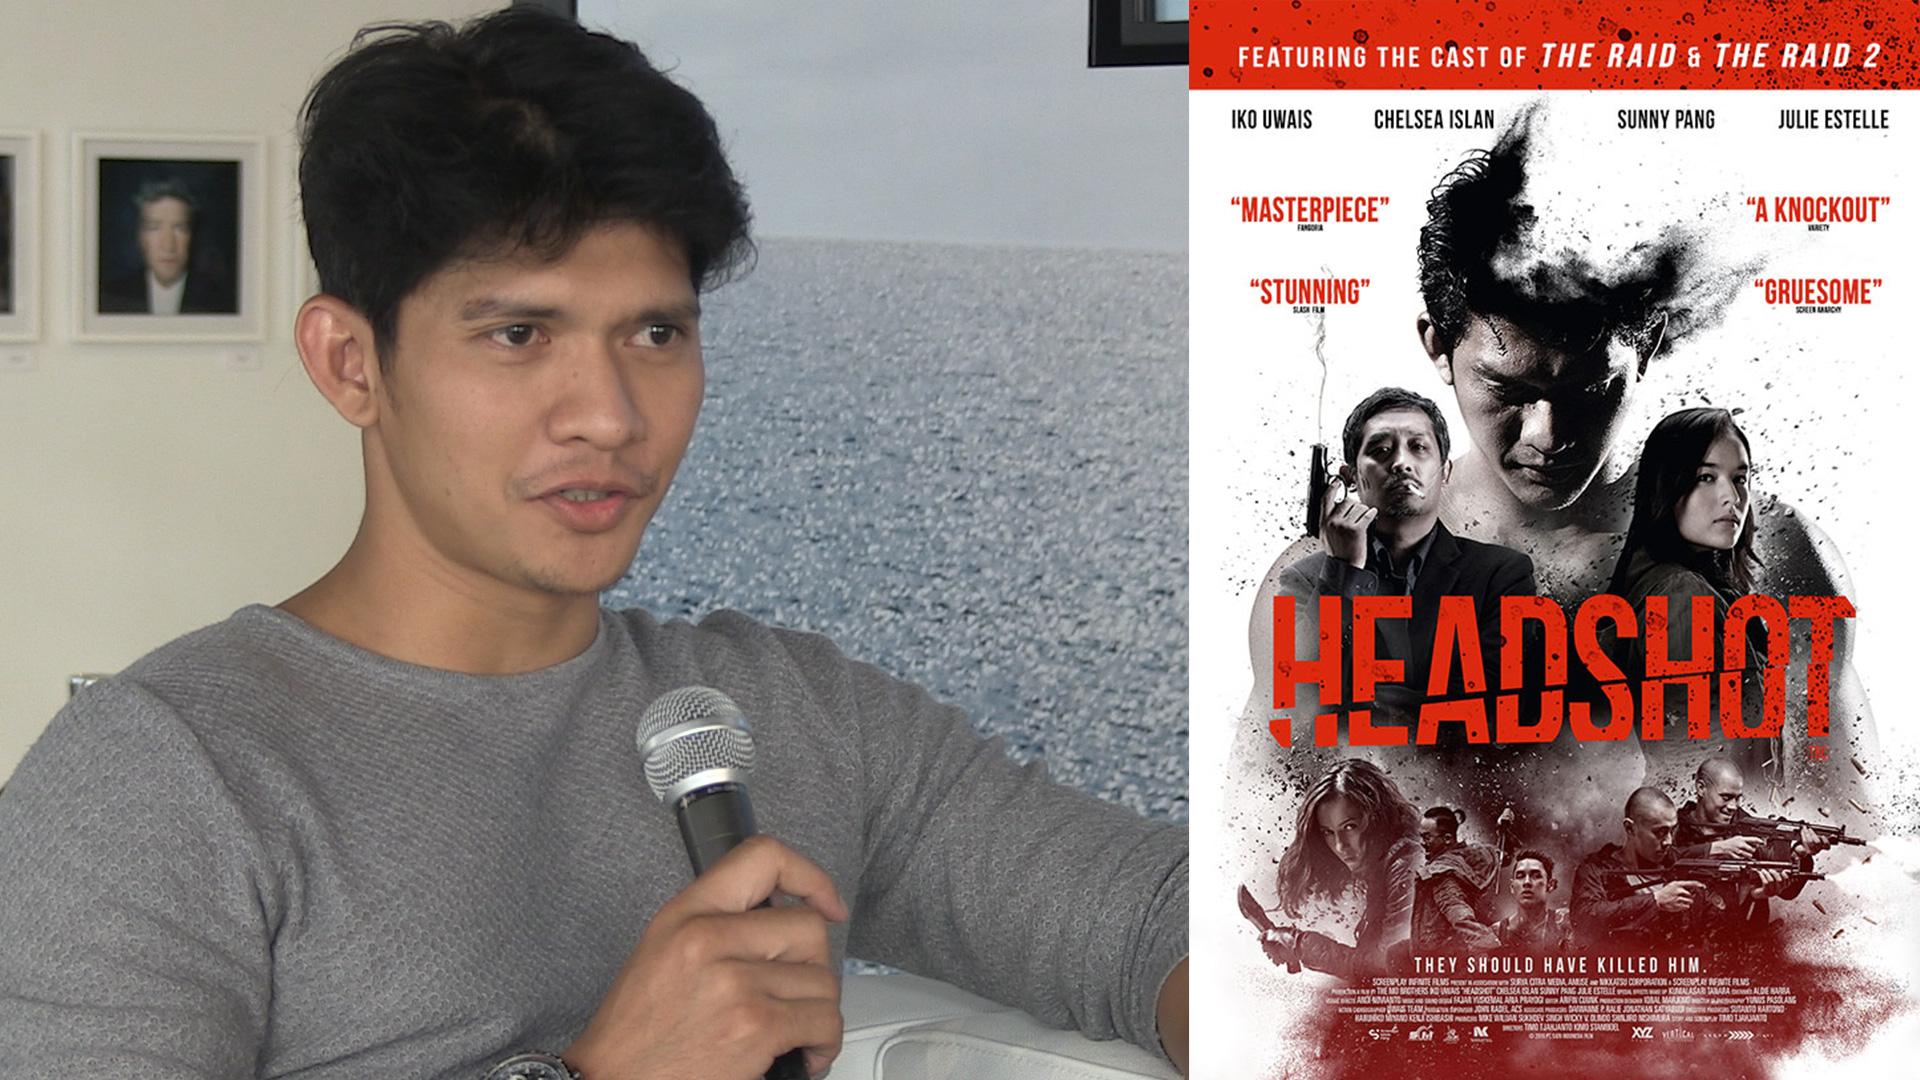 Iko Uwais Headshot Interview